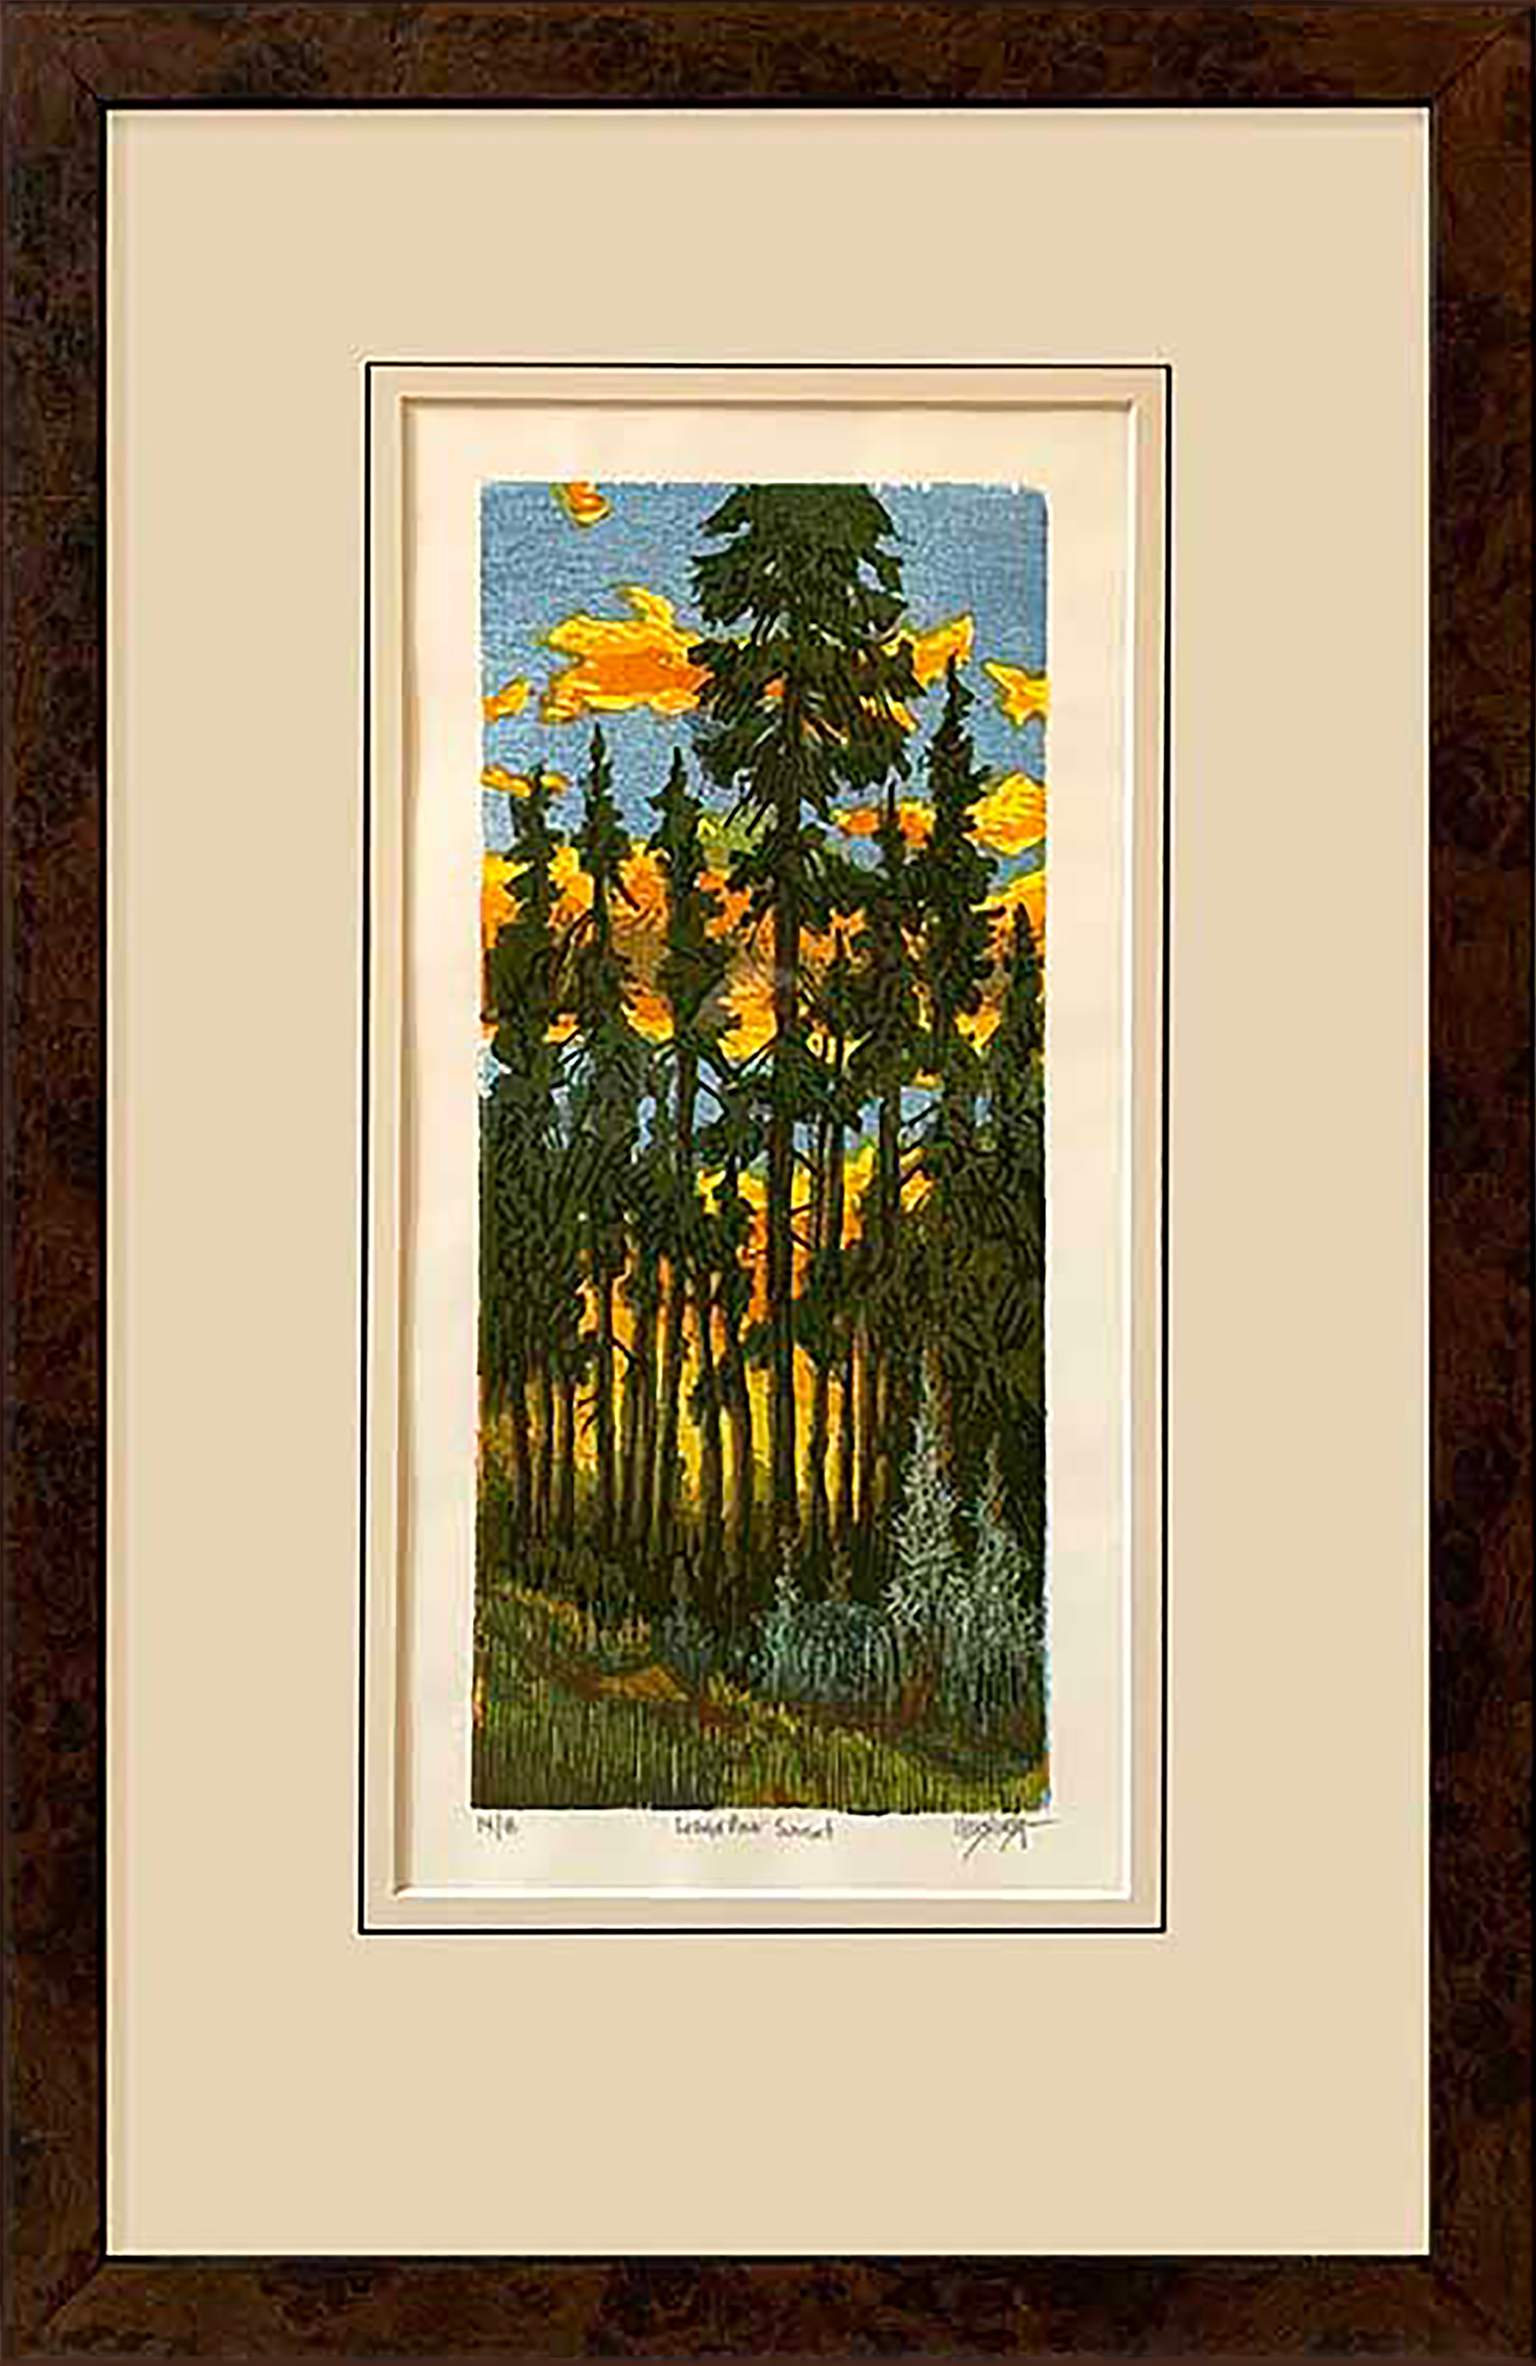 Leon Loughridge - Lodge Pole Sunset, 14/18